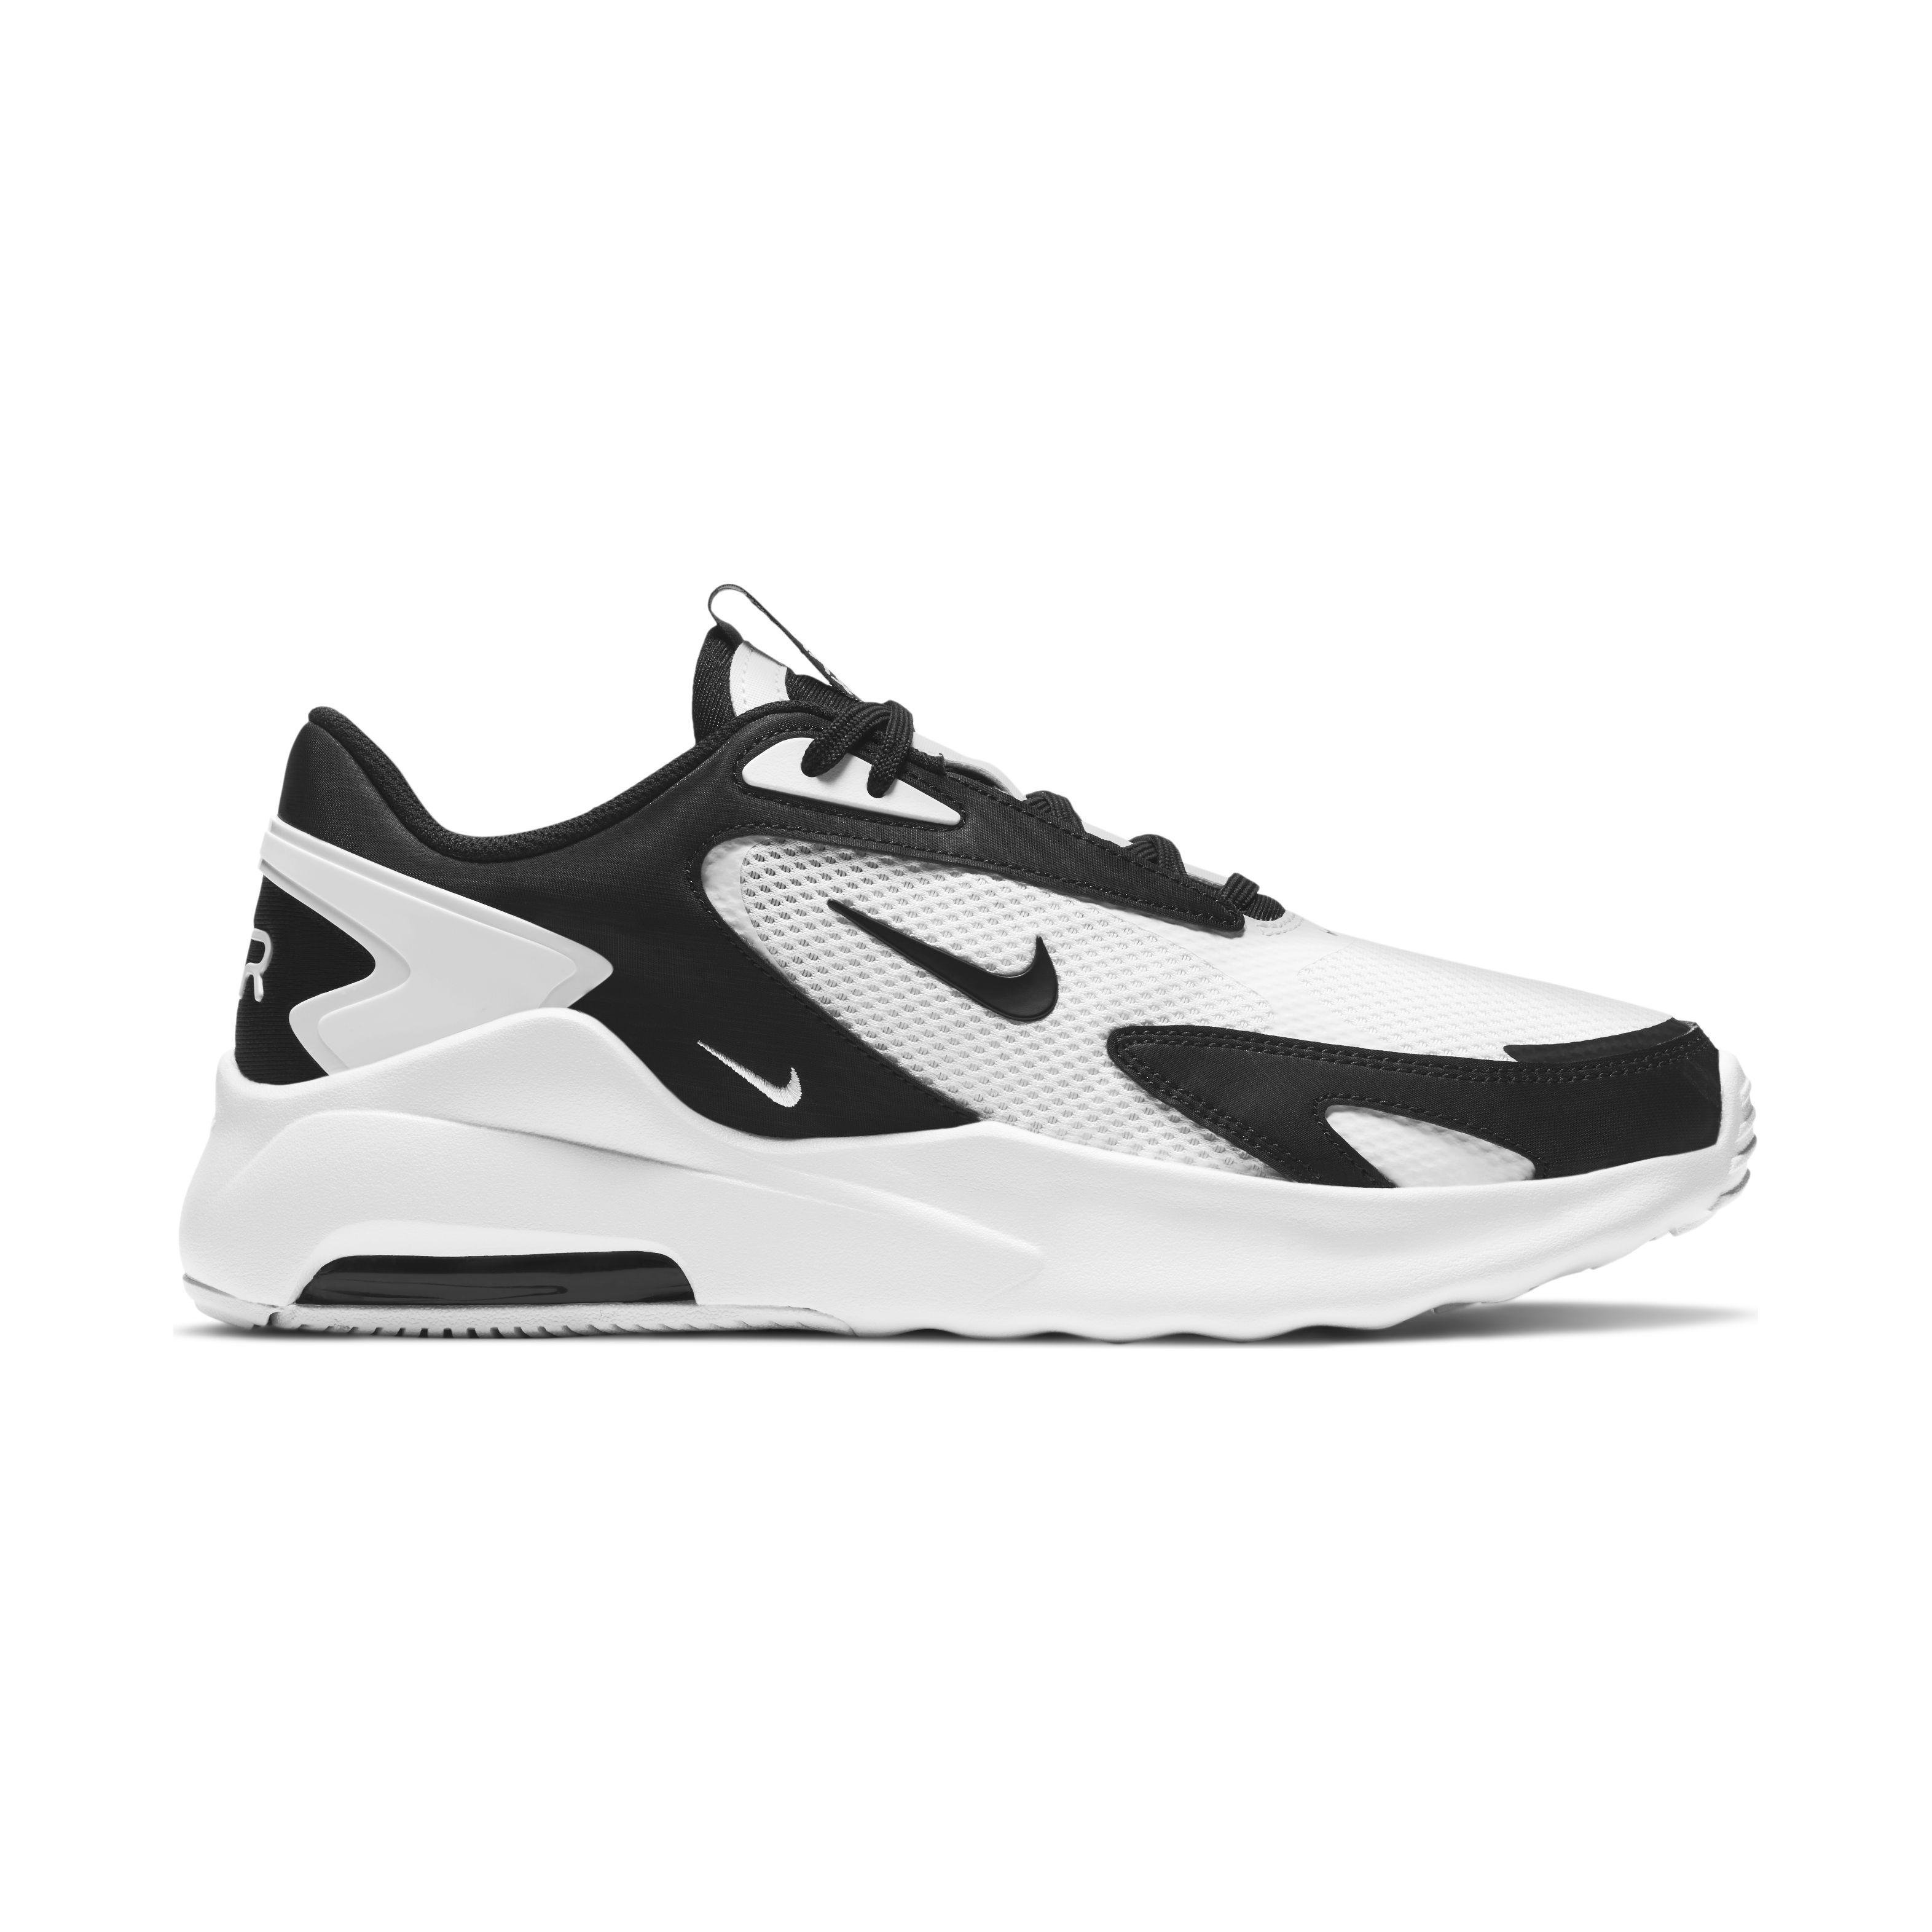 Nike Air Max Bolt wh/black